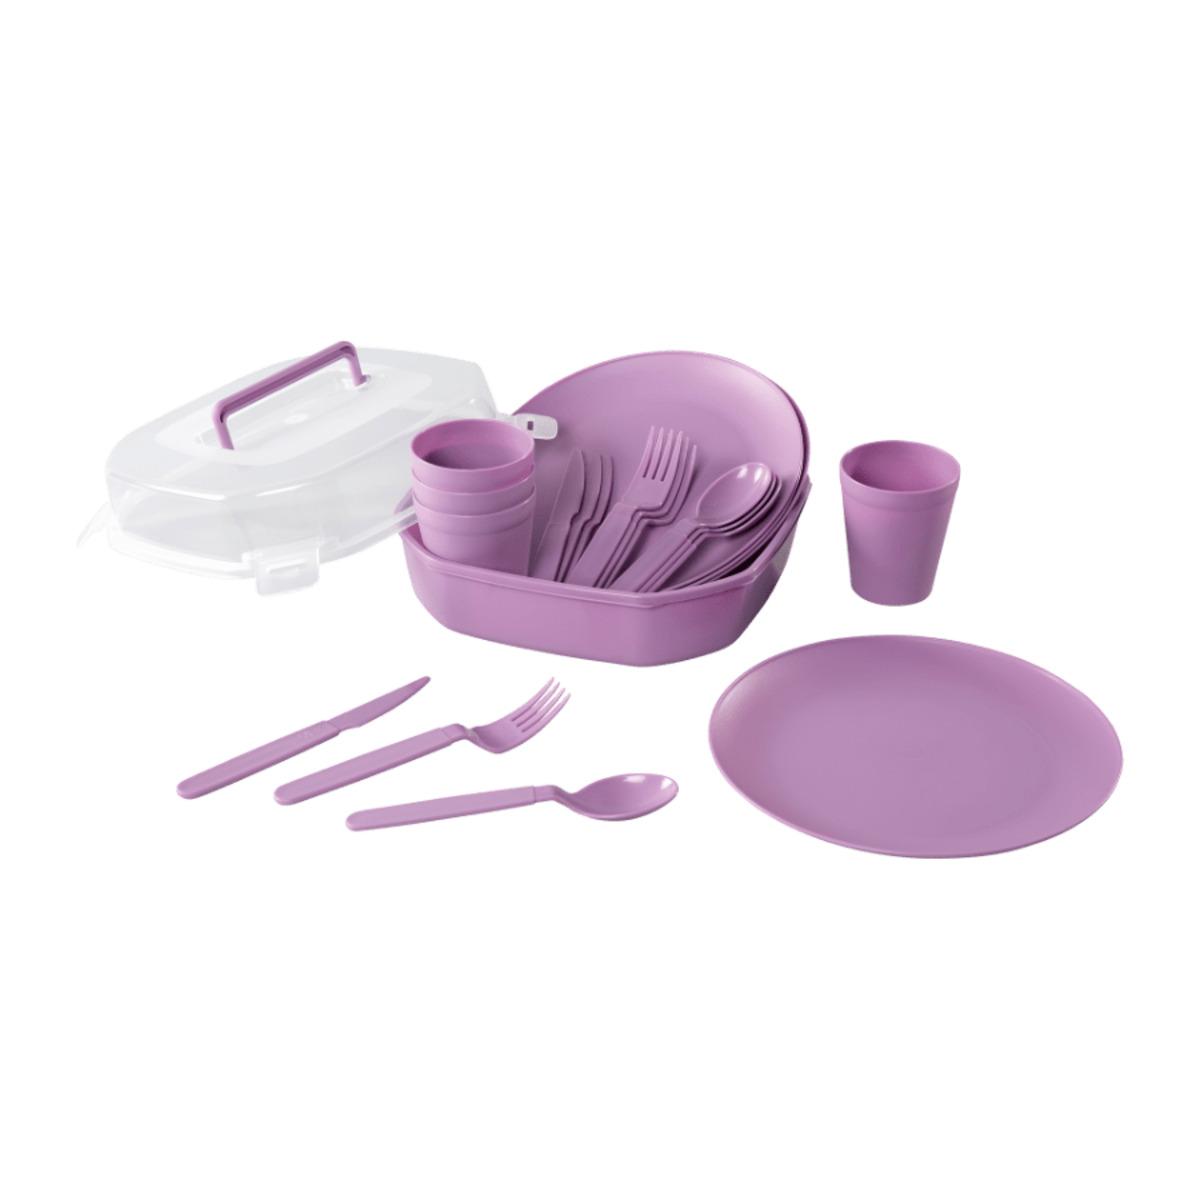 Bild 4 von HOME CREATION     Picknick-Set